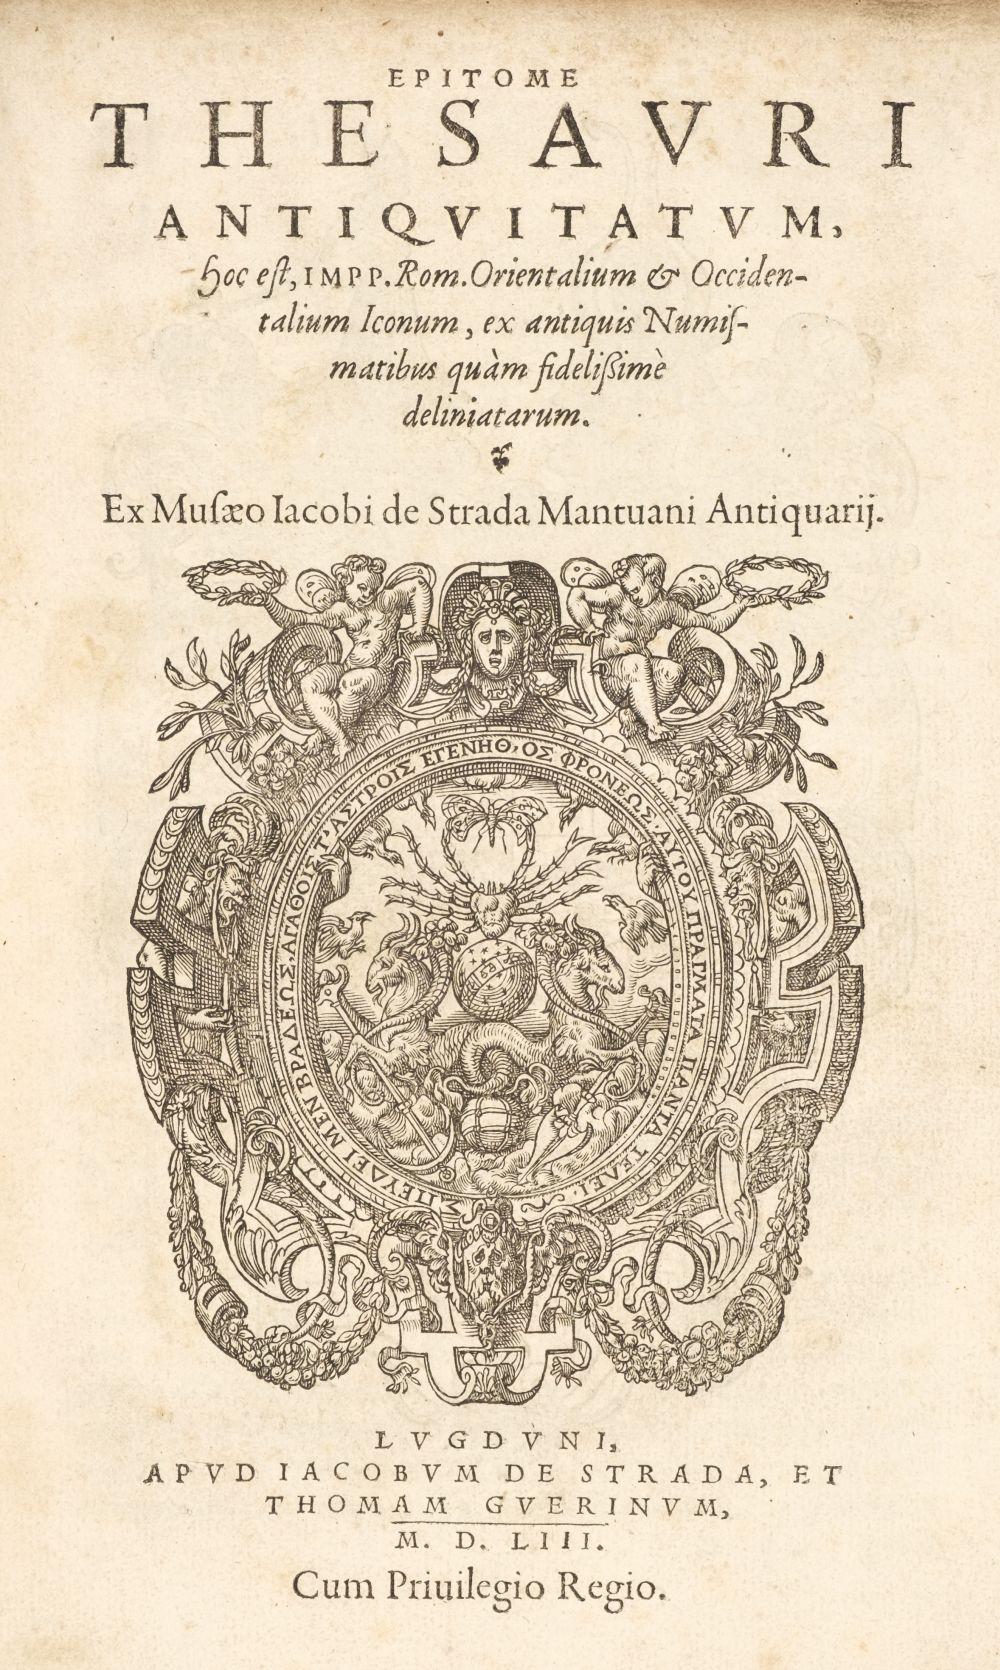 Strada (Jacopo). Epitome Thesauri Antiquitatum, 1st editon, Lyon, 1553